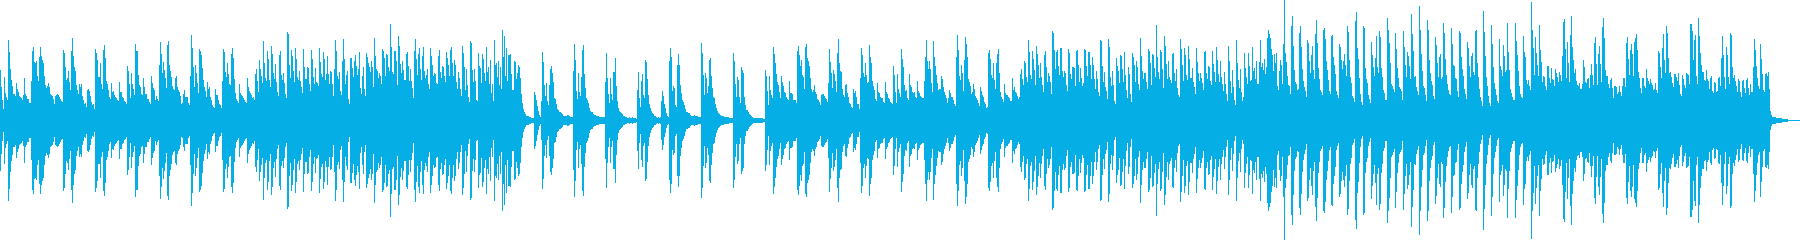 鼻歌をイメージした曲の再生済みの波形